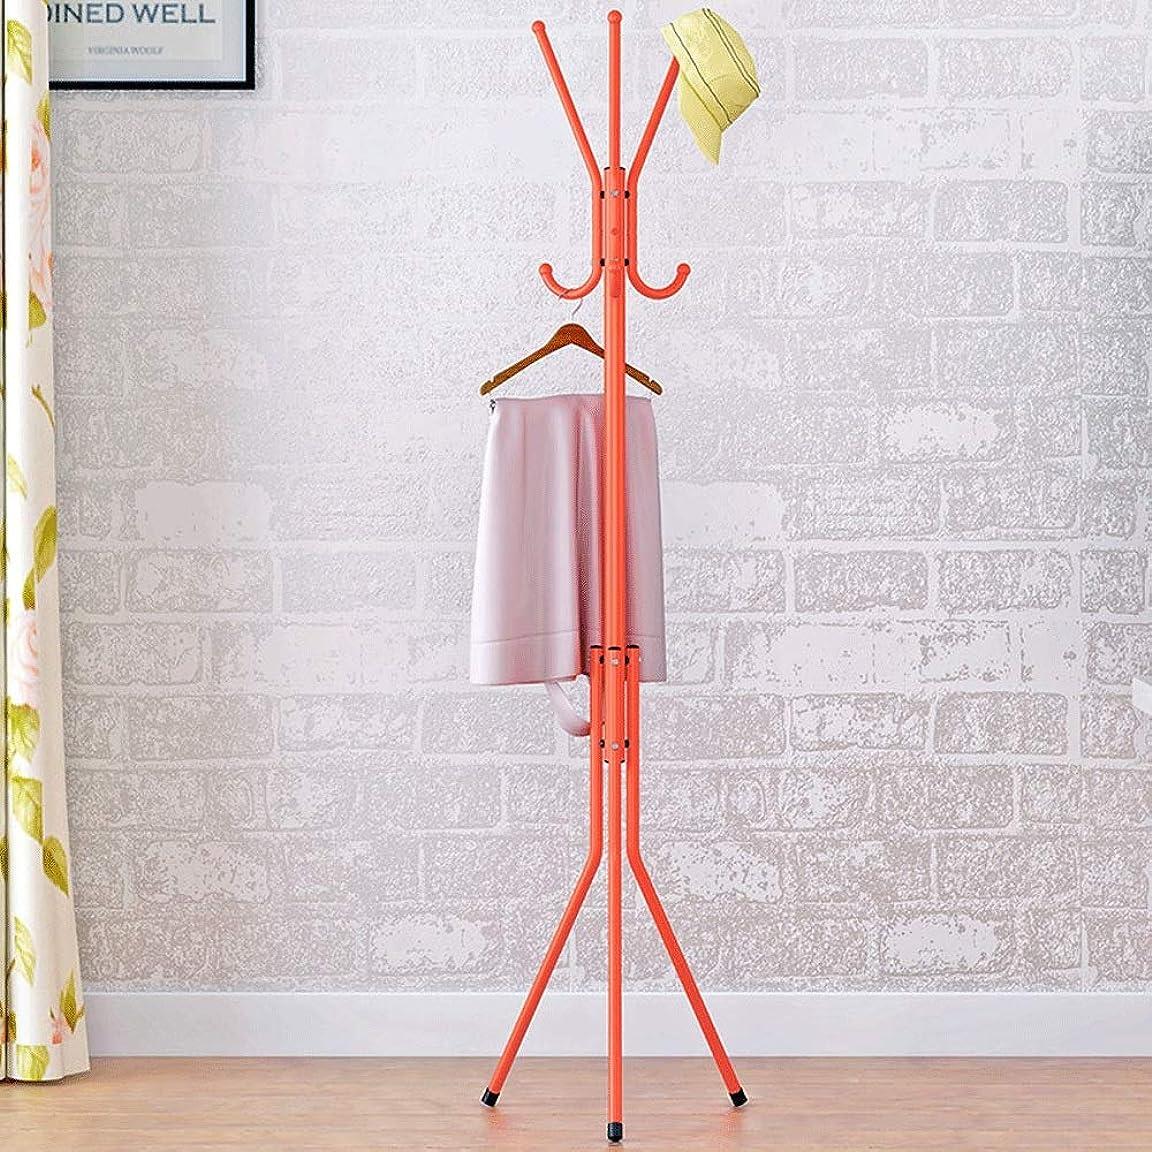 銛スクラッチ穏やかなコートラック コートラックコートツリーハットハンガーホルダー子供服用の複数のフックベースメタル付きツリースタンド 廊下の寝室のホームオフィスのため (Color : Orange, Size : 40×142cm)